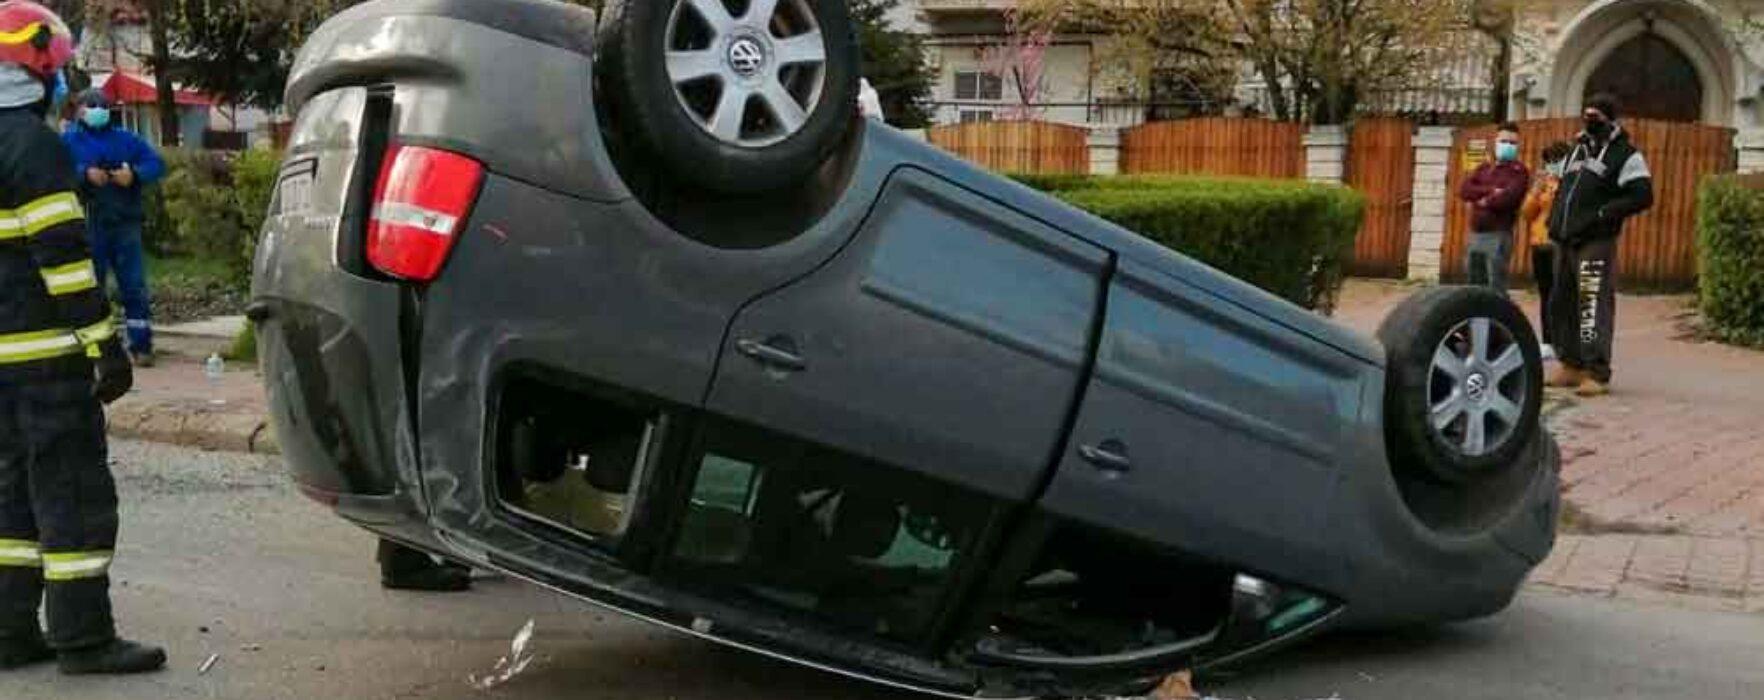 Târgovişte: Accident spectaculos lângă Camera de Comerţ, o maşină s-a răsturnat